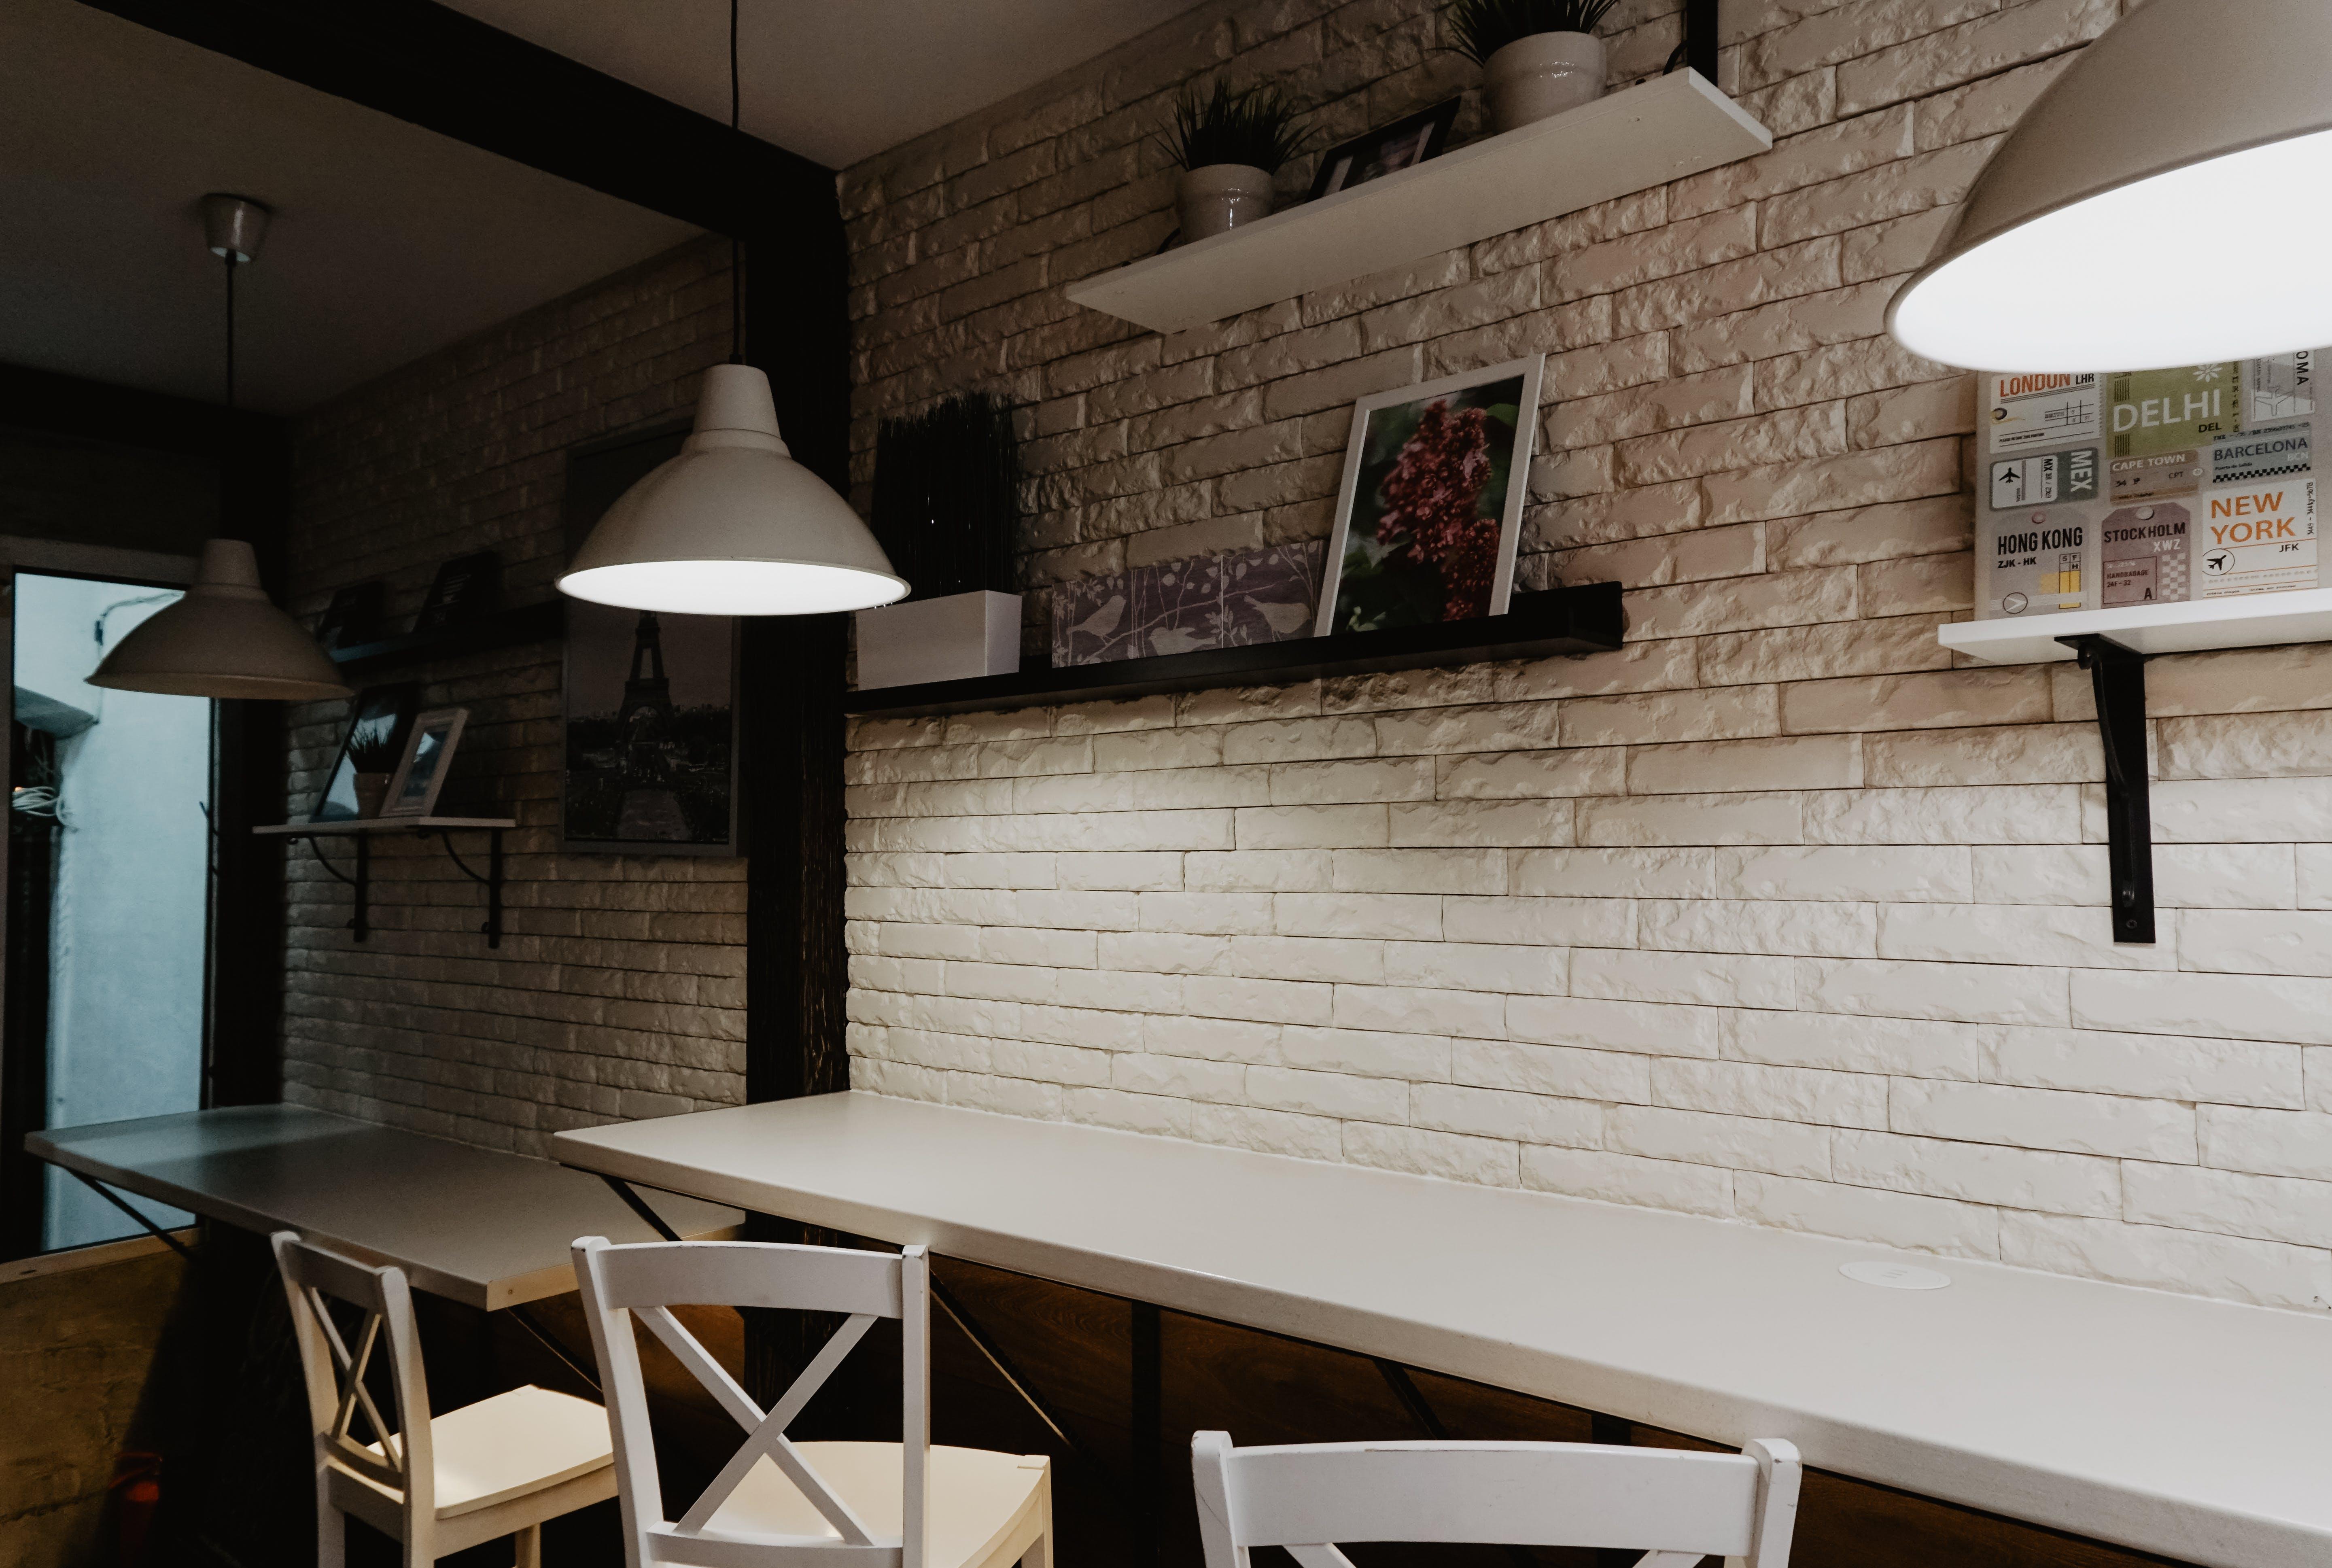 室內, 室內設計, 家具, 架子 的 免費圖庫相片